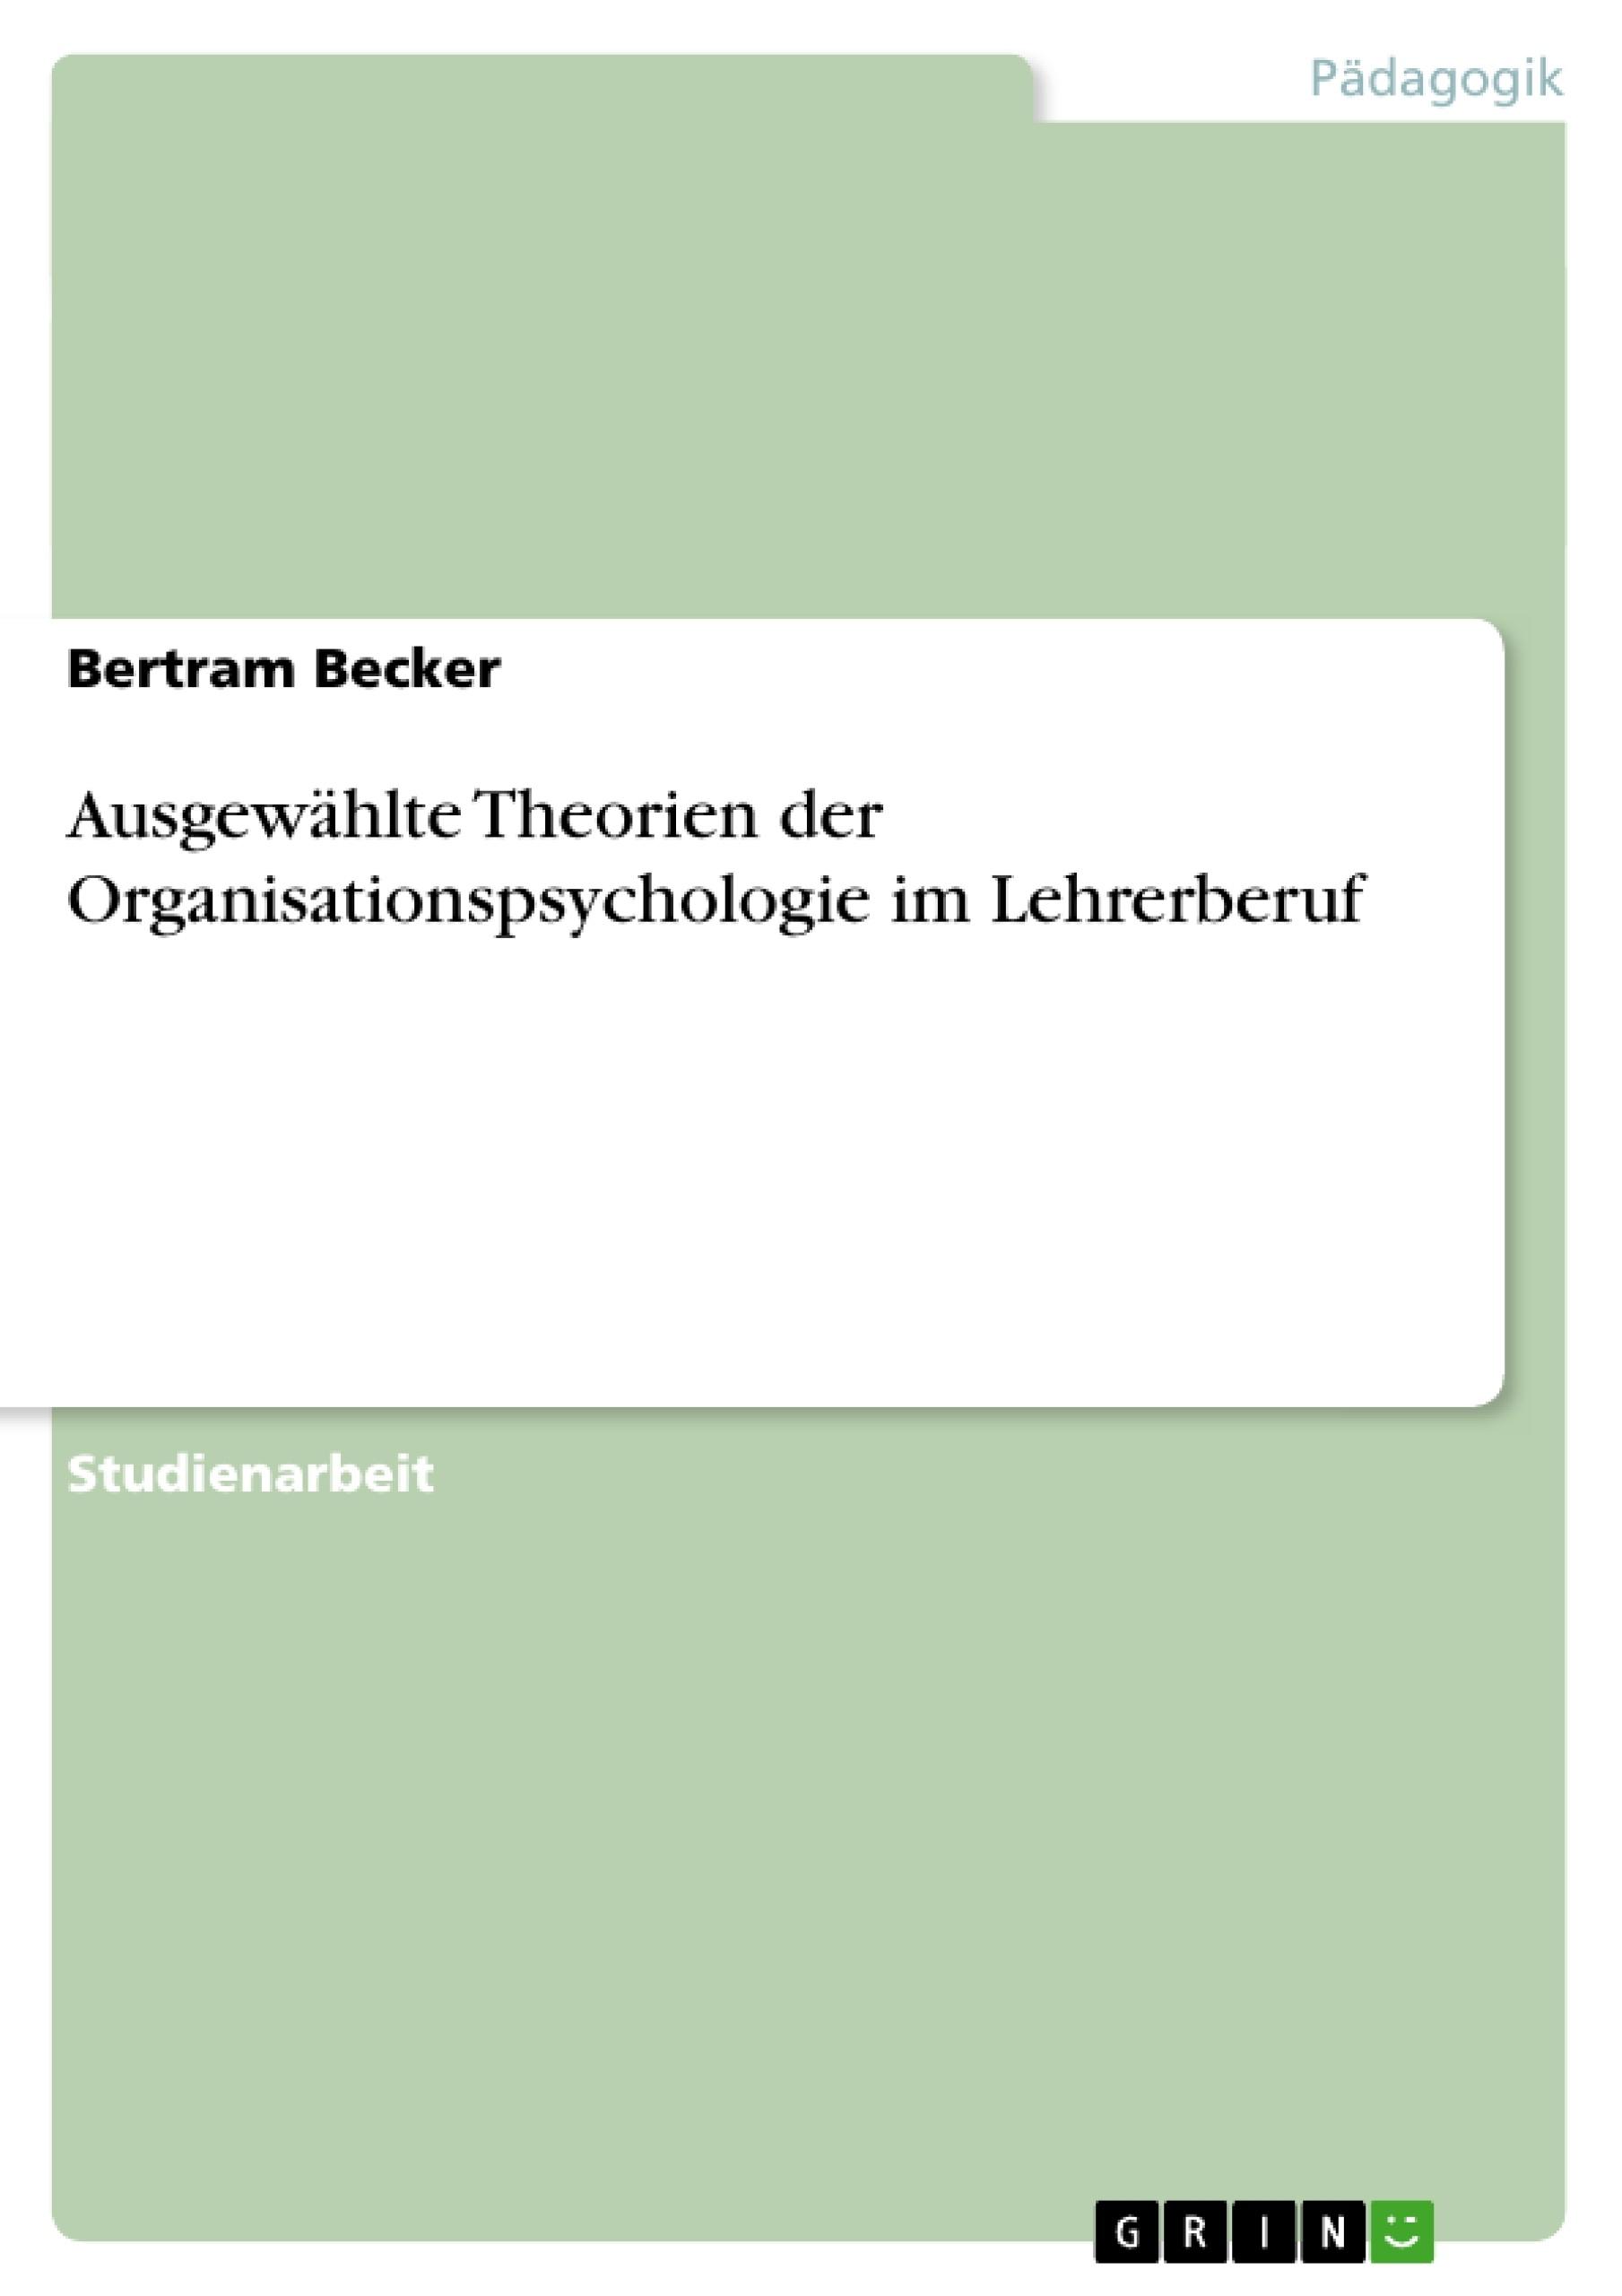 Titel: Ausgewählte Theorien der Organisationspsychologie im Lehrerberuf